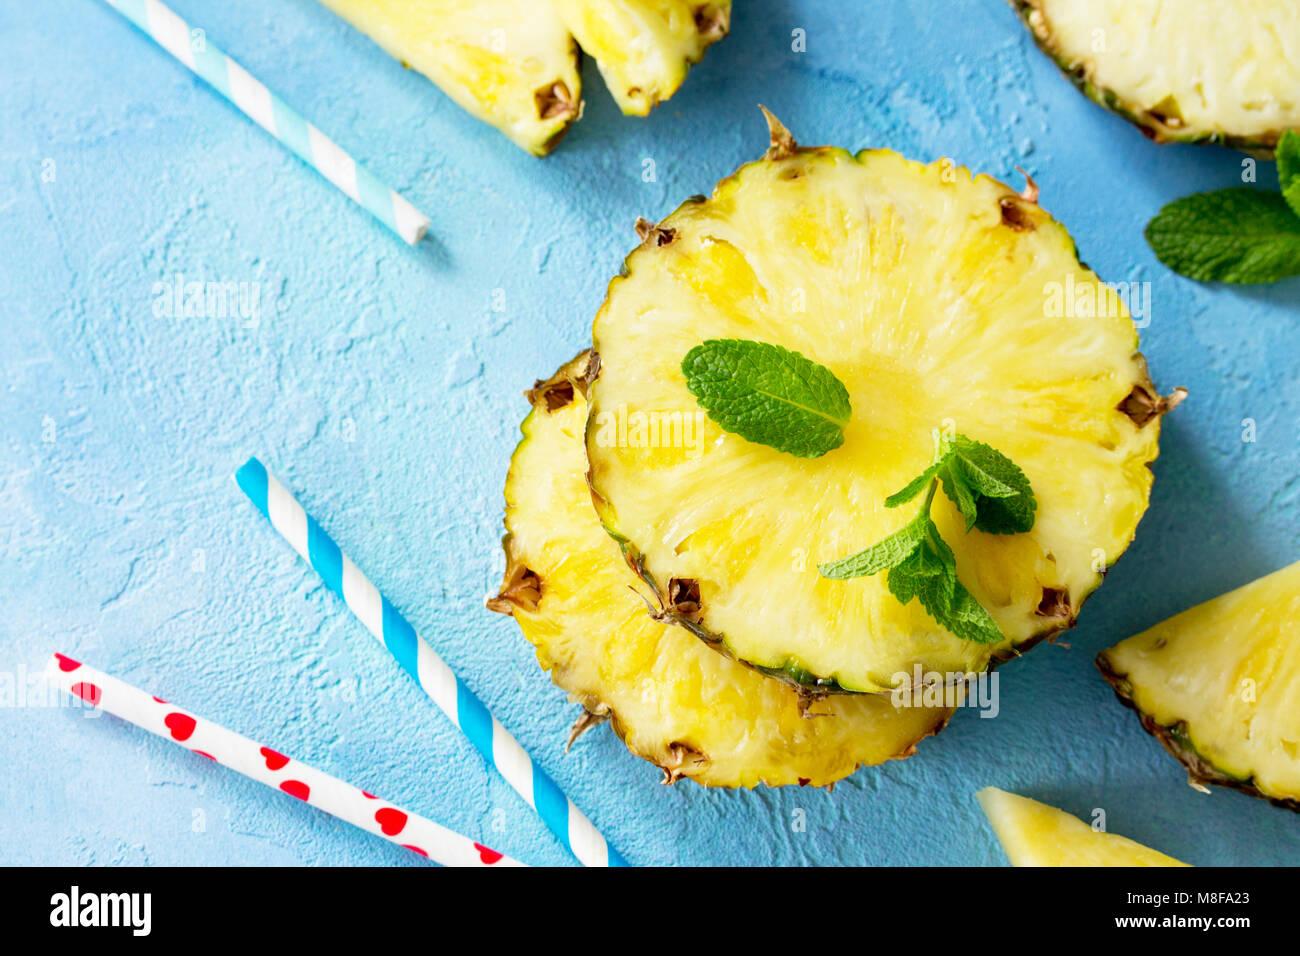 Fetta di fresco ananas su sfondo di pietra o ardesia con copia spazio. Concetto di cibo. Vista superiore piatta Immagini Stock